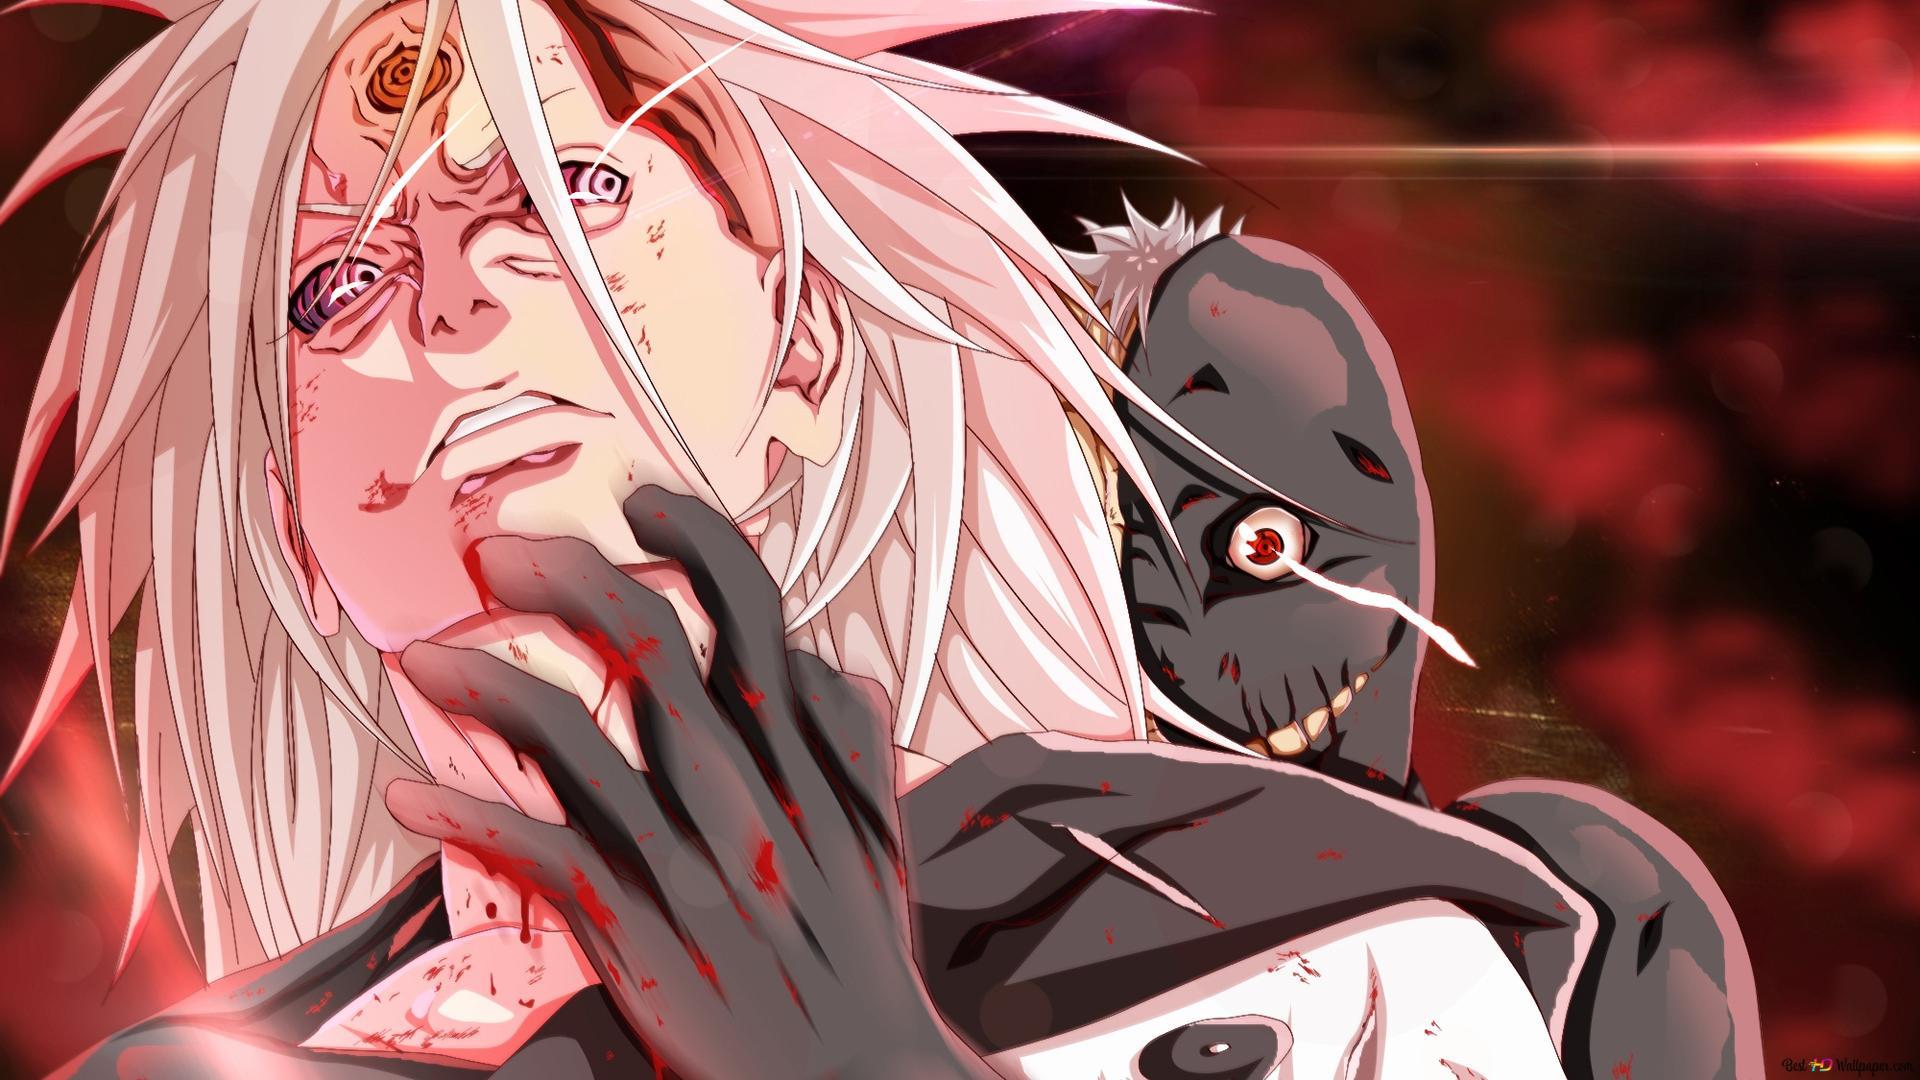 Naruto Shippuden Madara Uchiha Black Zetsu Hd Wallpaper Download